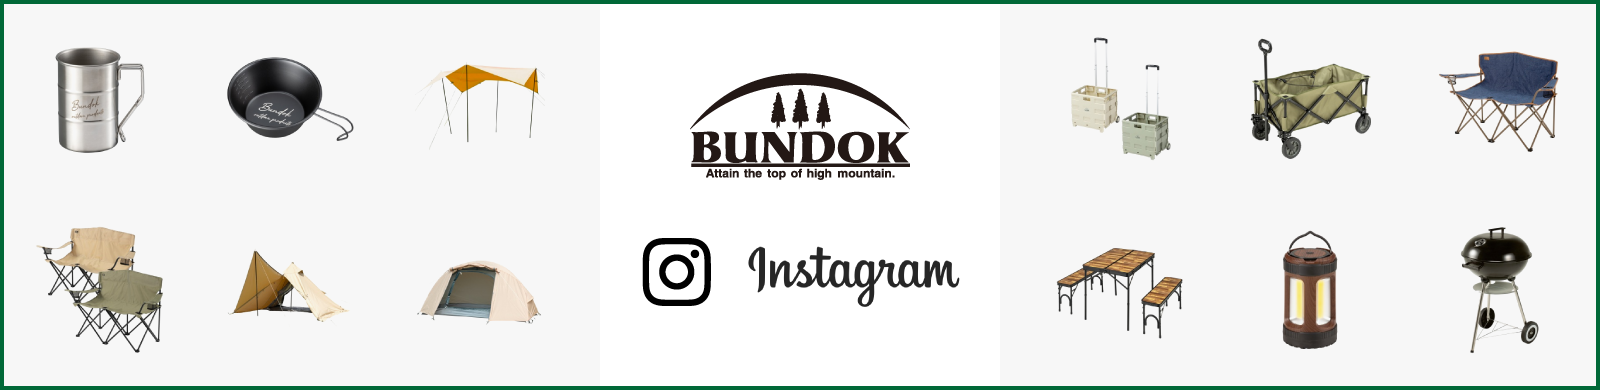 BUNDOK instagram